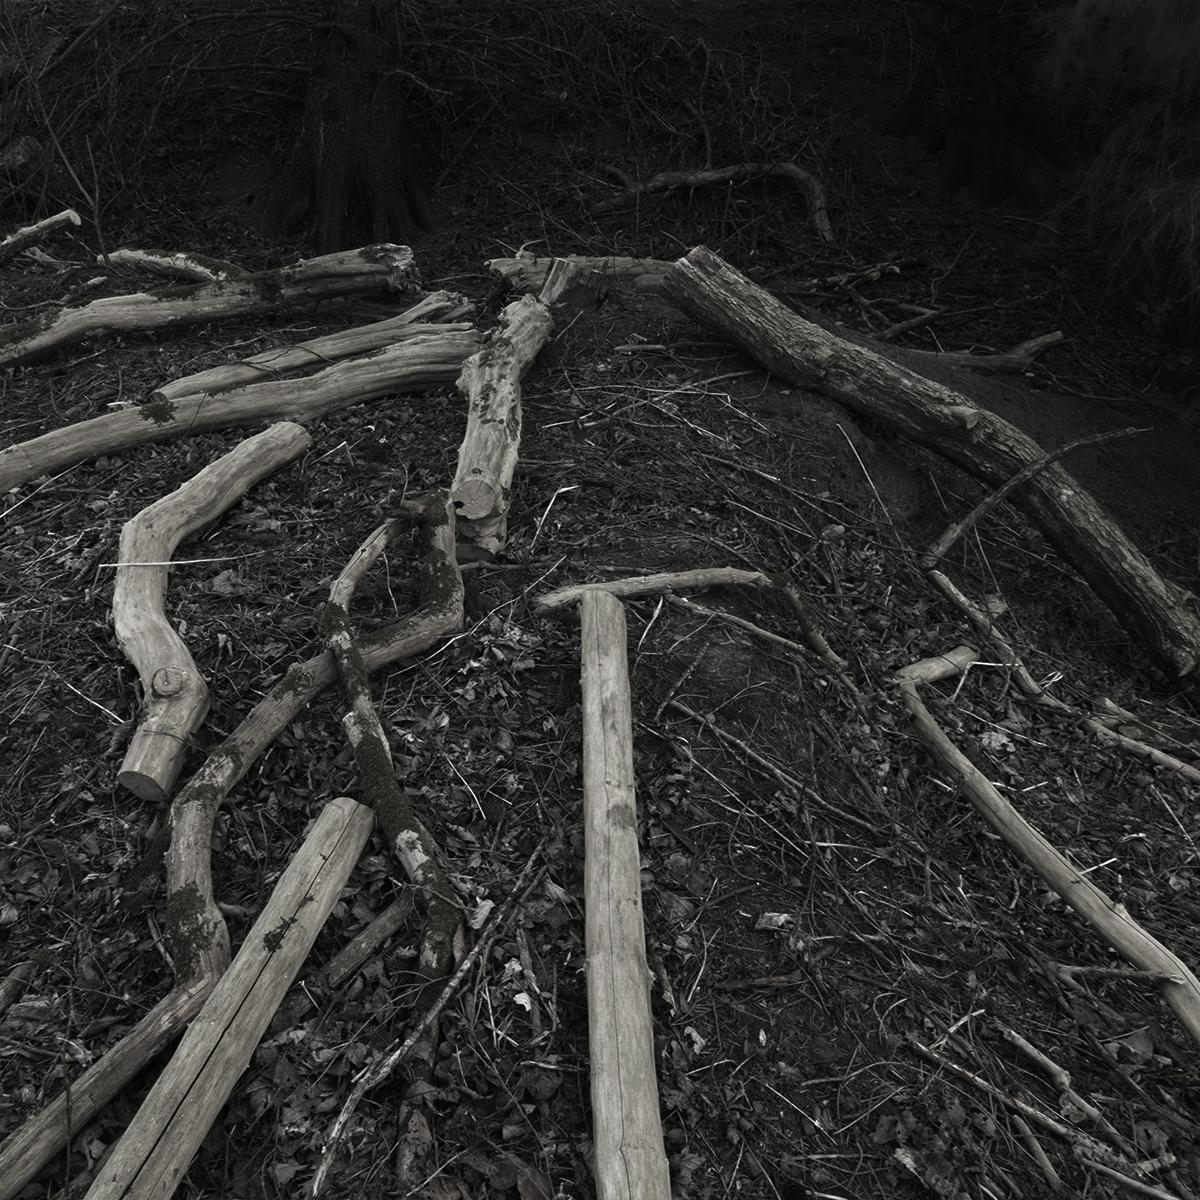 Wood no 1